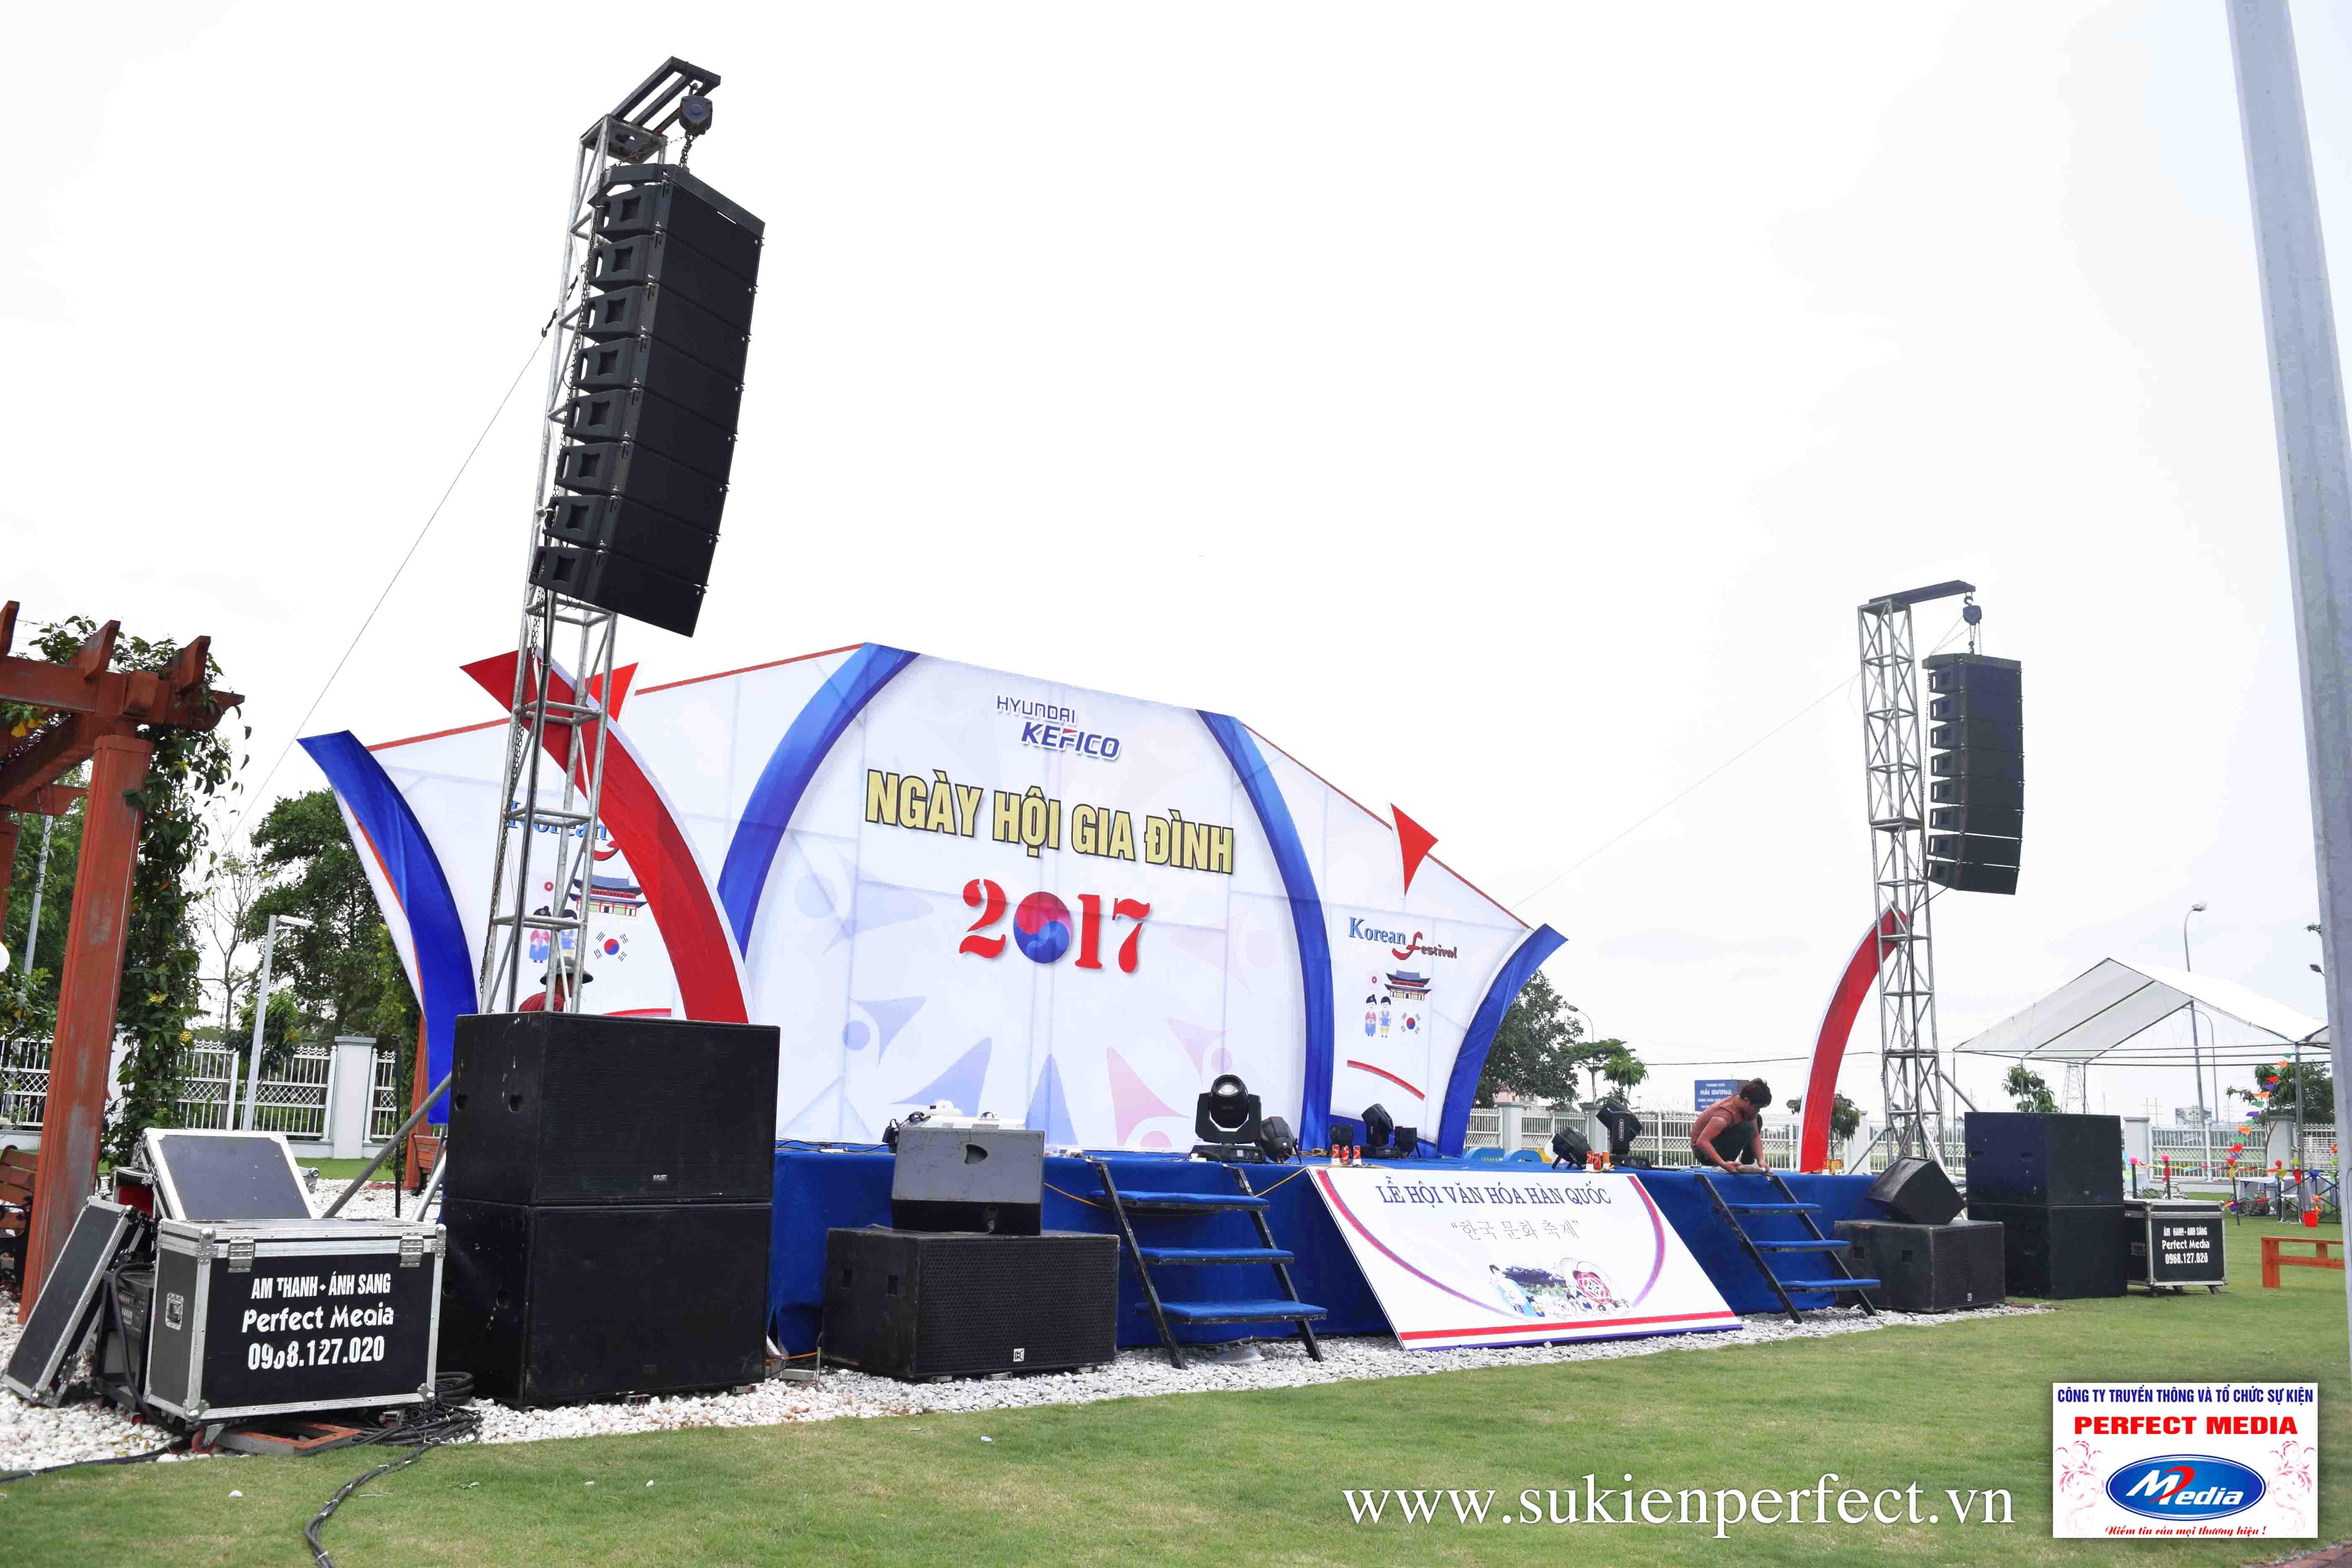 Tổ Chức Ngày Hội Gia Đình - Festival tại Hưng Yên